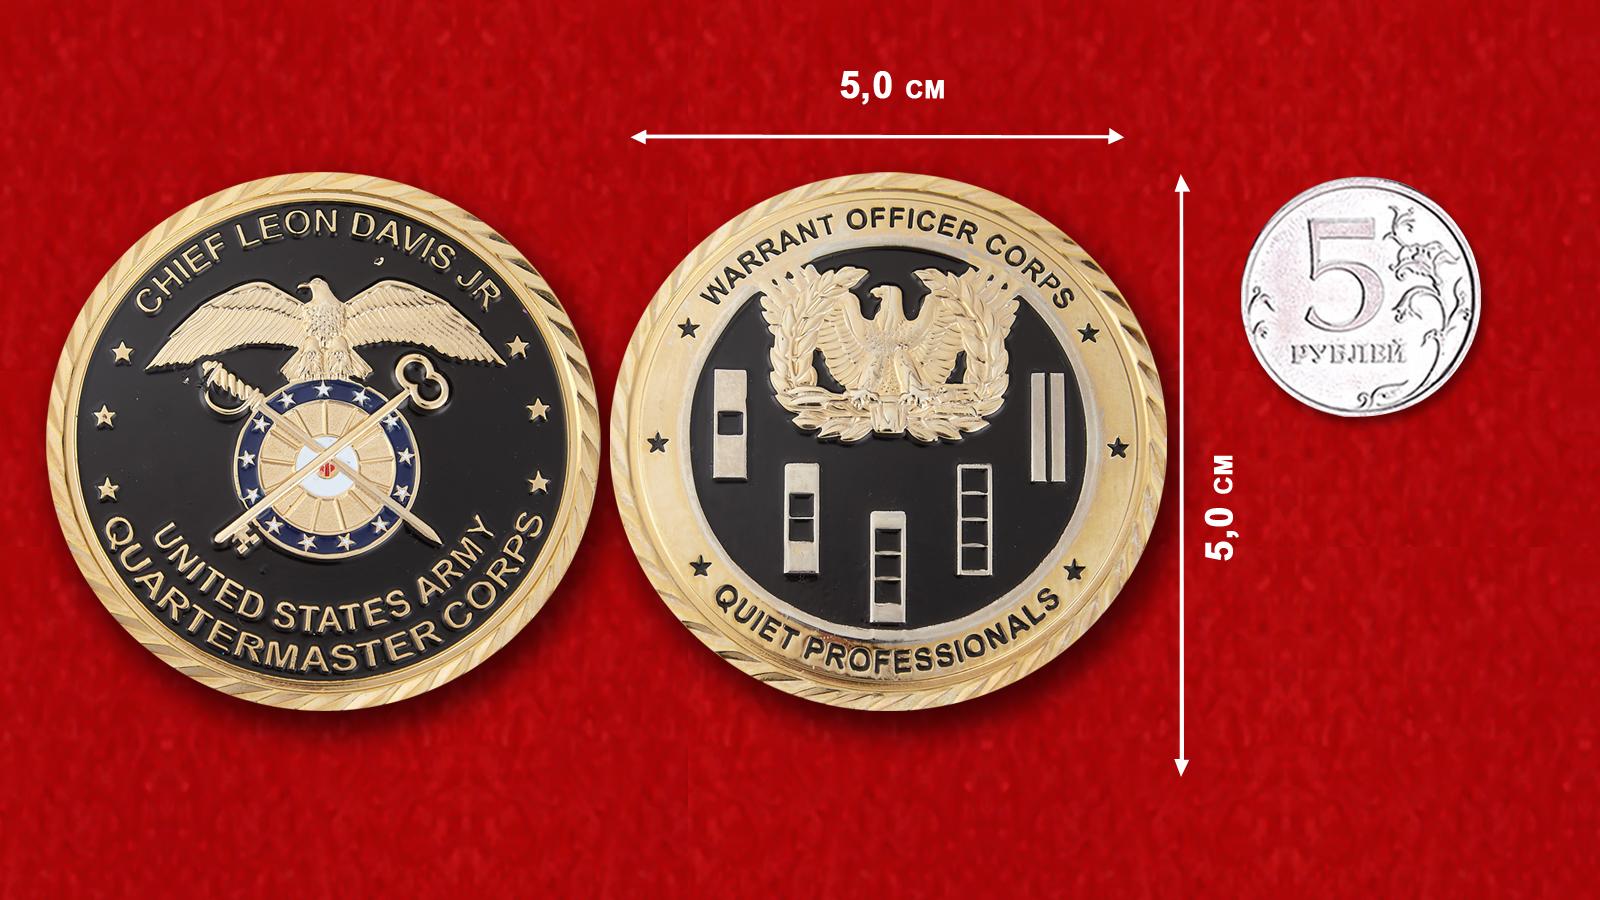 Челлендж коин уорент-офицеров от начальника Службы тыла Армии США